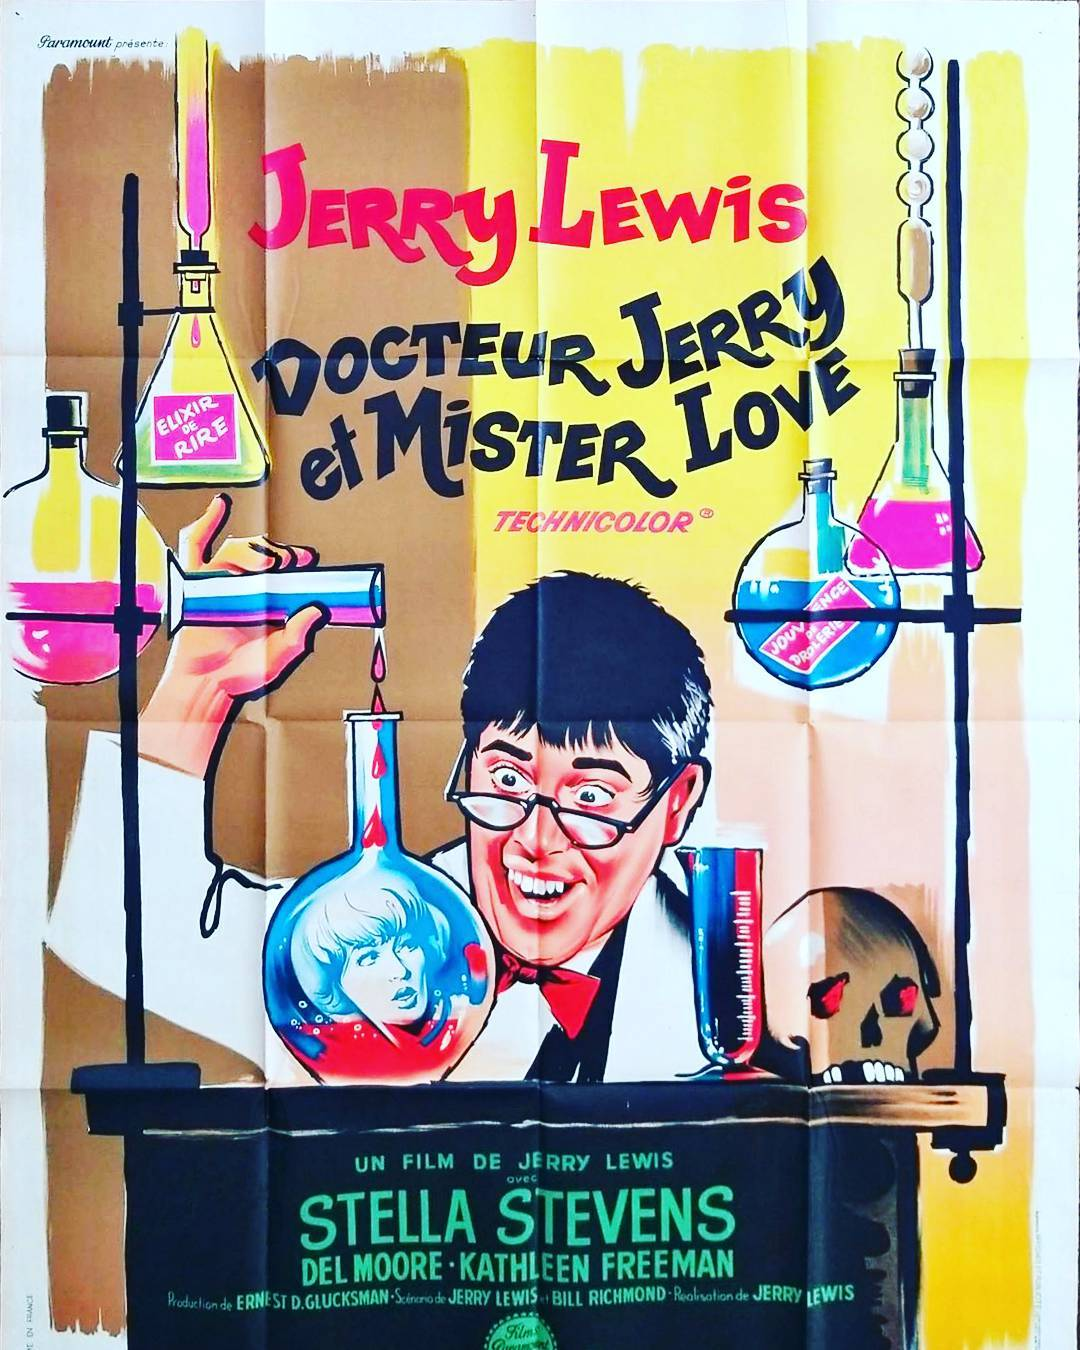 Docteur Jerry et Mister Love ❤️⚗️👓🎬